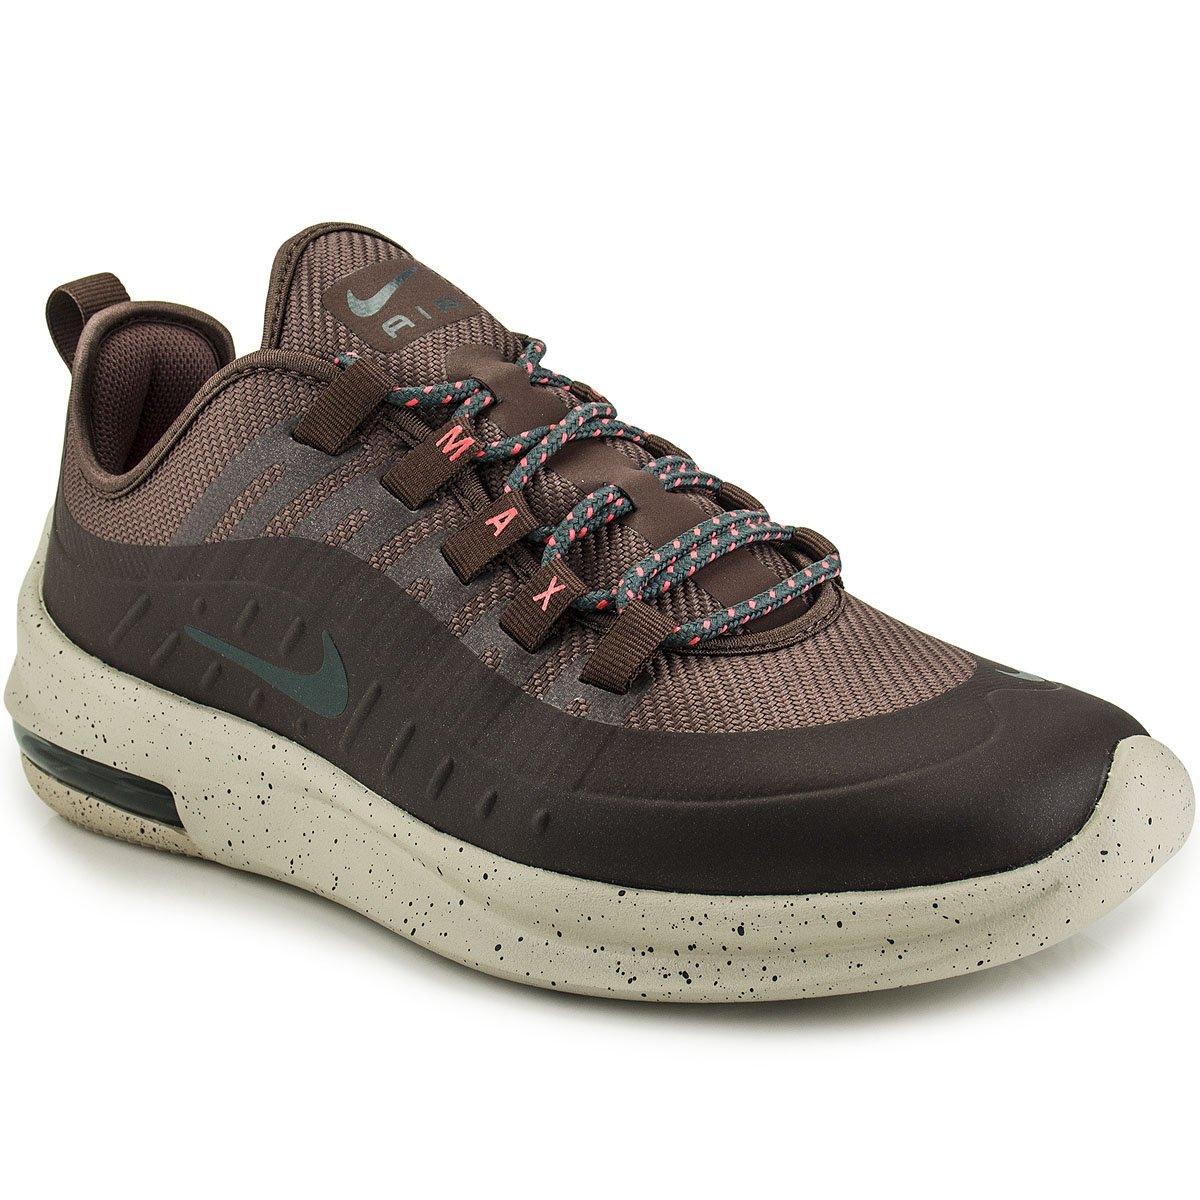 8a2f28e5e8a0e Tênis Nike Air Max Axis PREM Masculino | Casual | MaxTennis